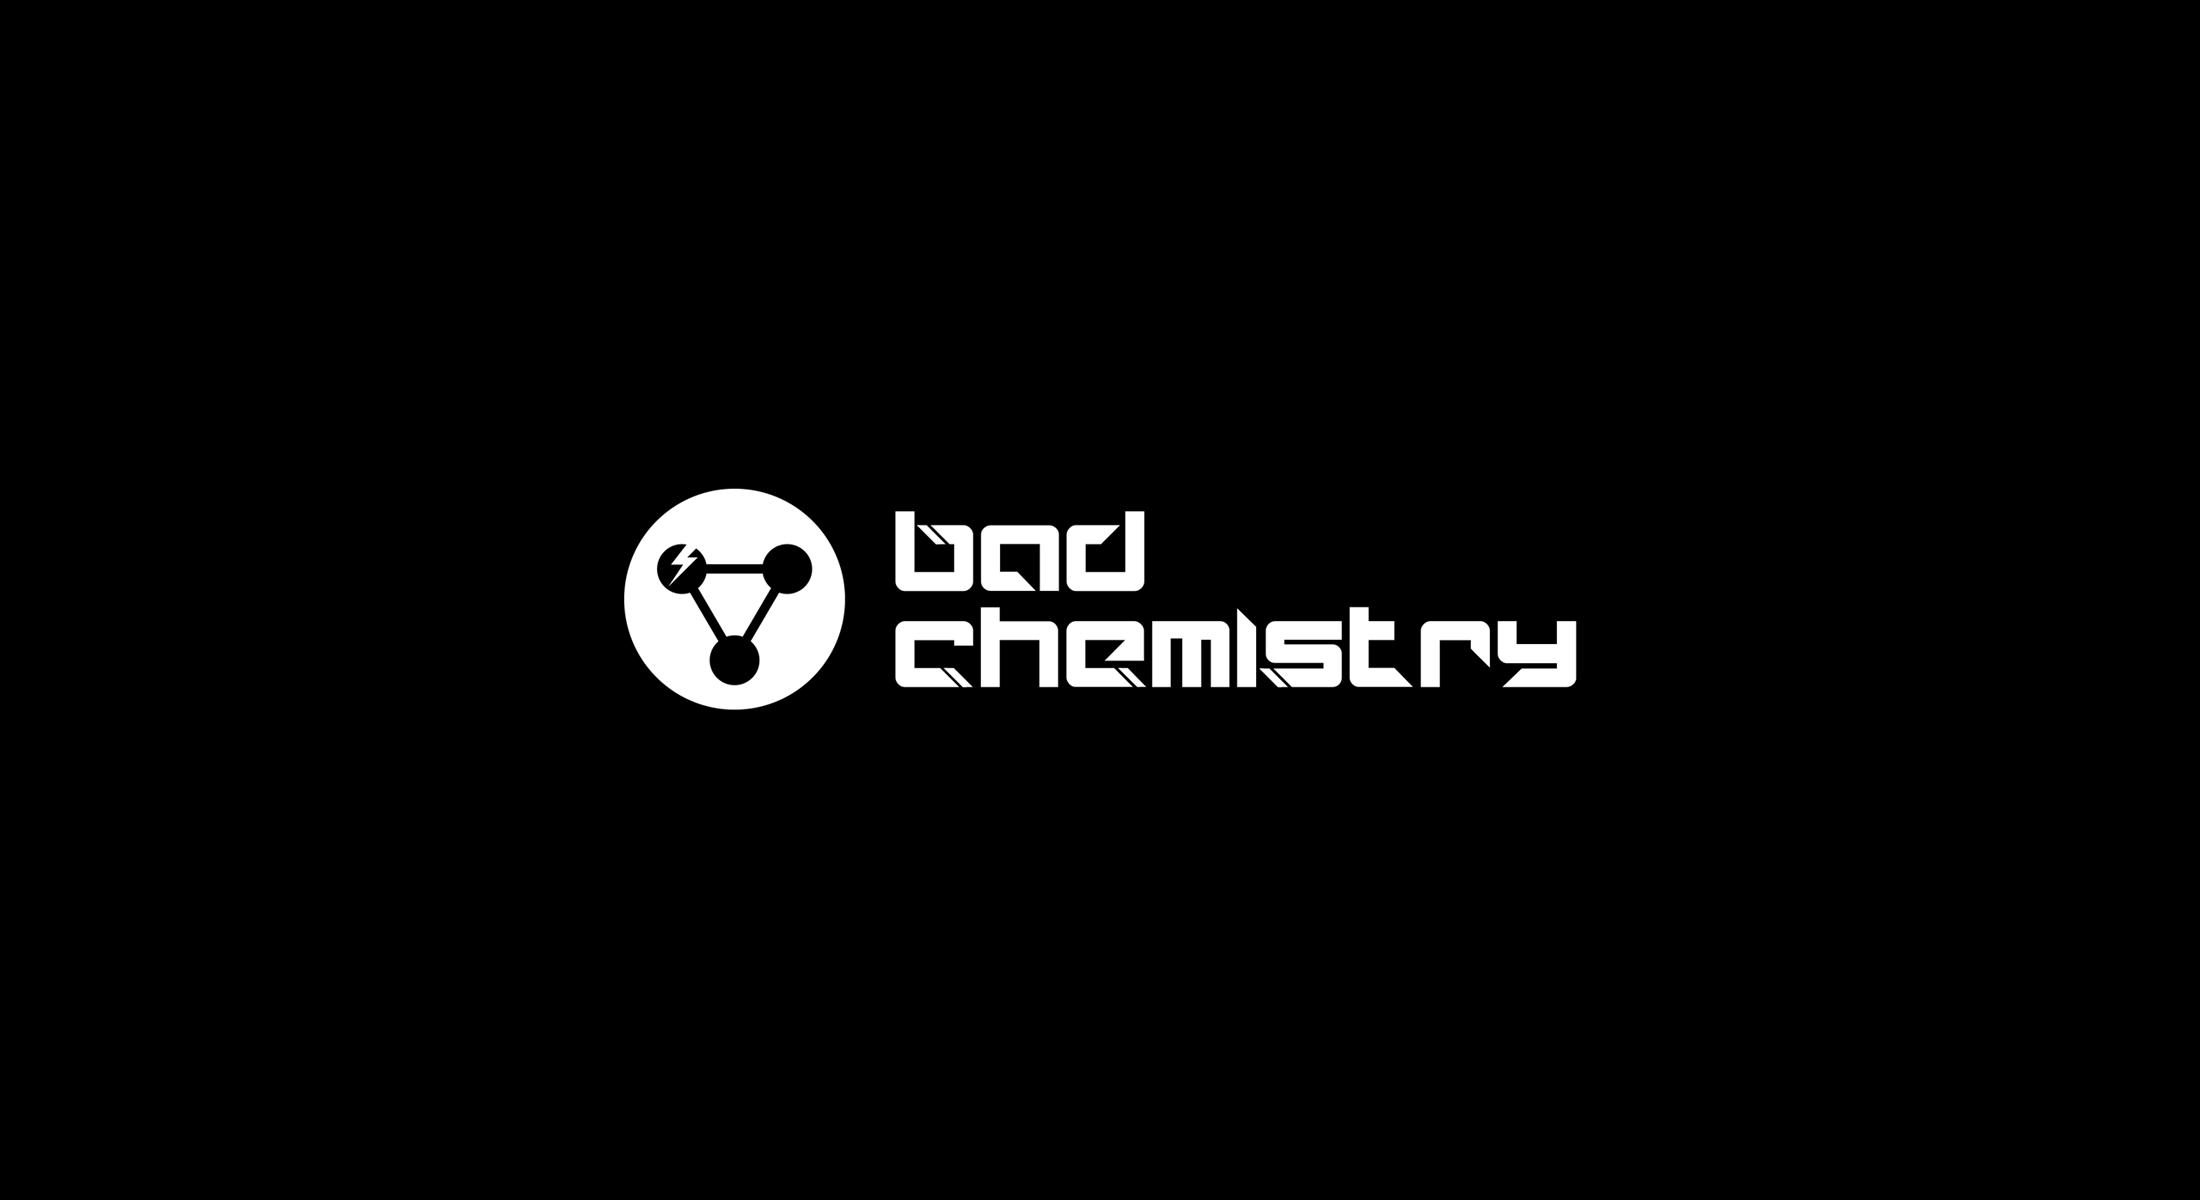 badChemBanner_black_YT